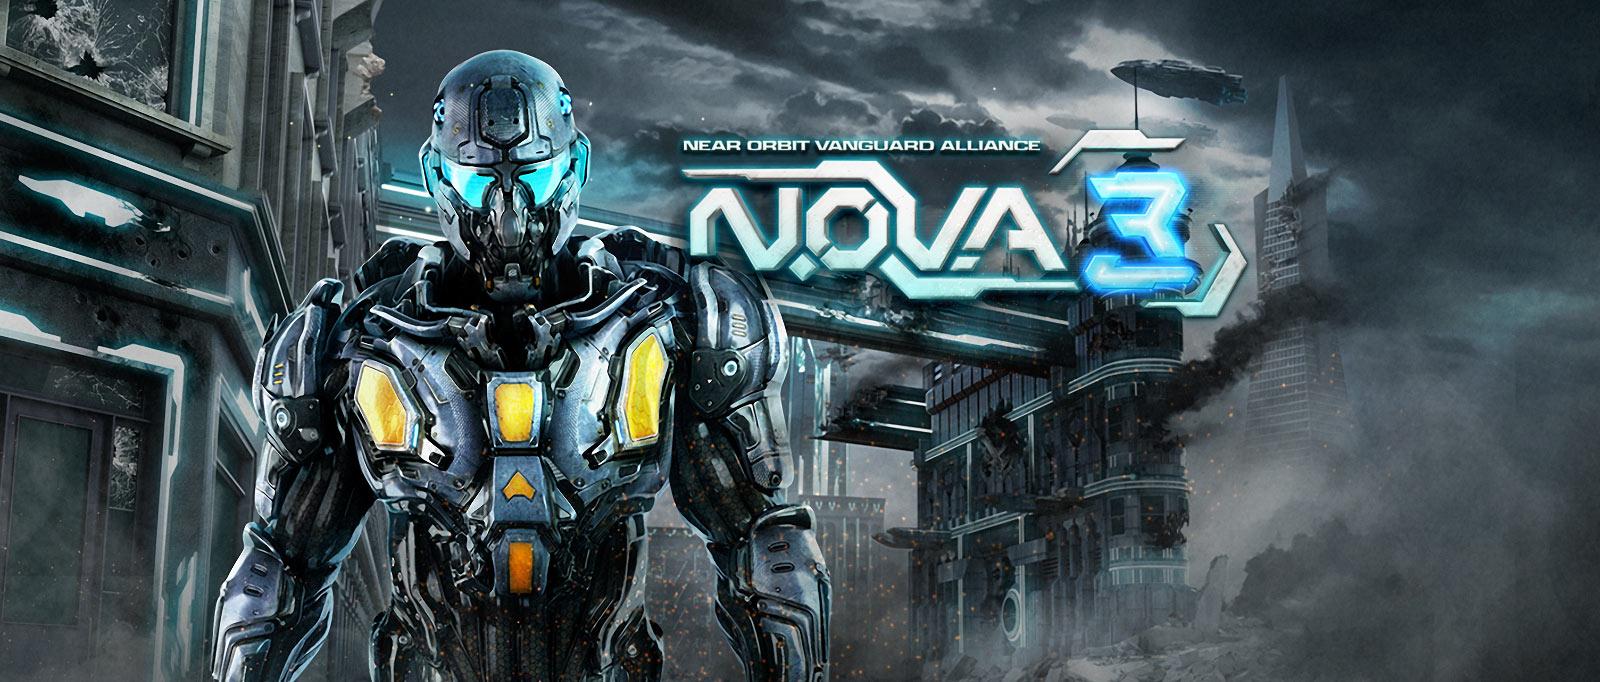 Nova игры скачать бесплатно когда начнутся распродажи 2019